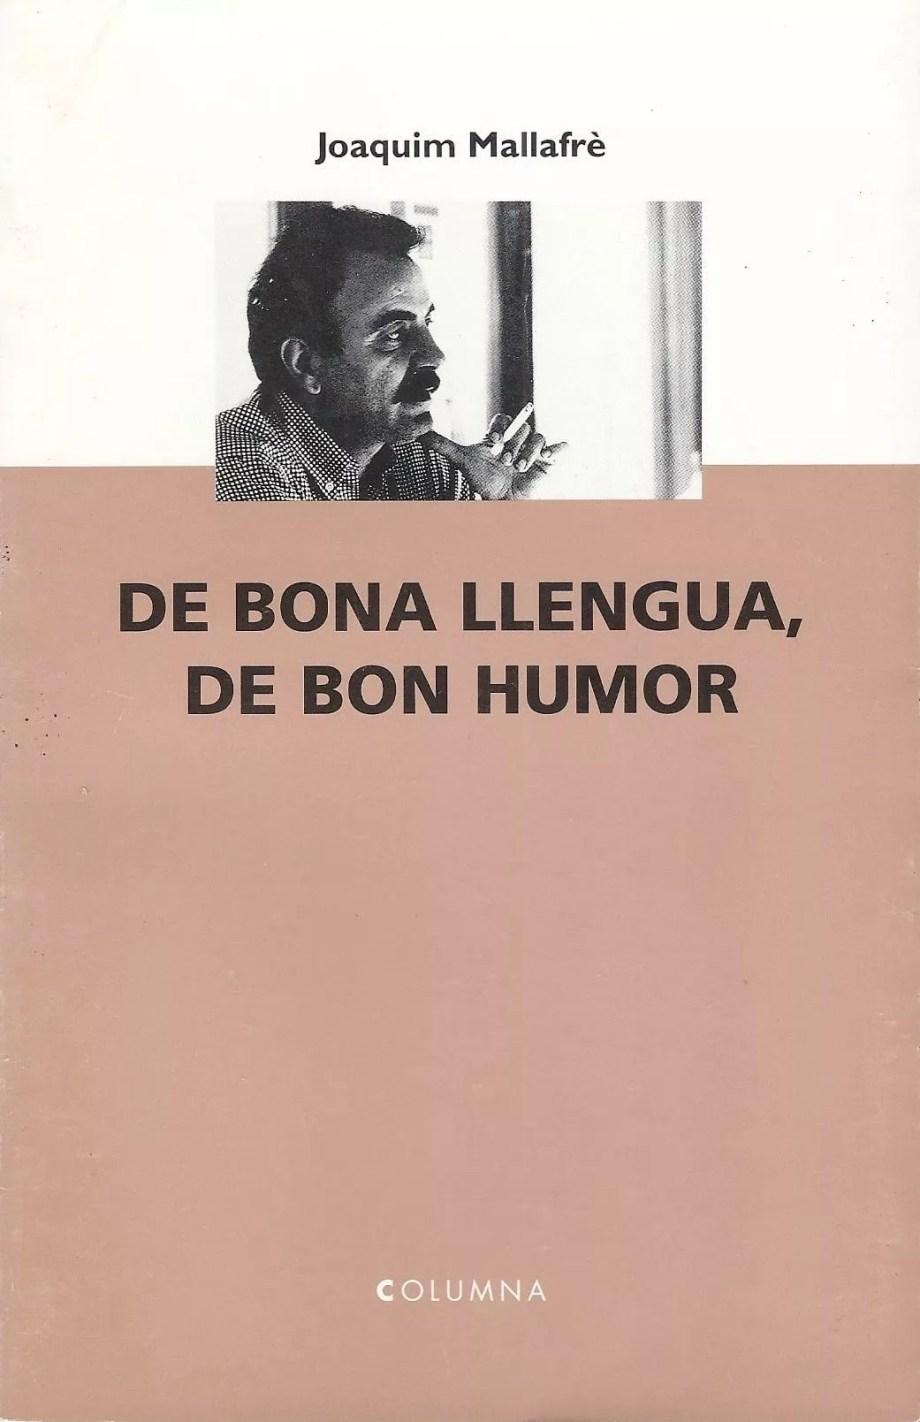 opció lingüística política joaquim mallafrè de bona llengua de bon humor columna català